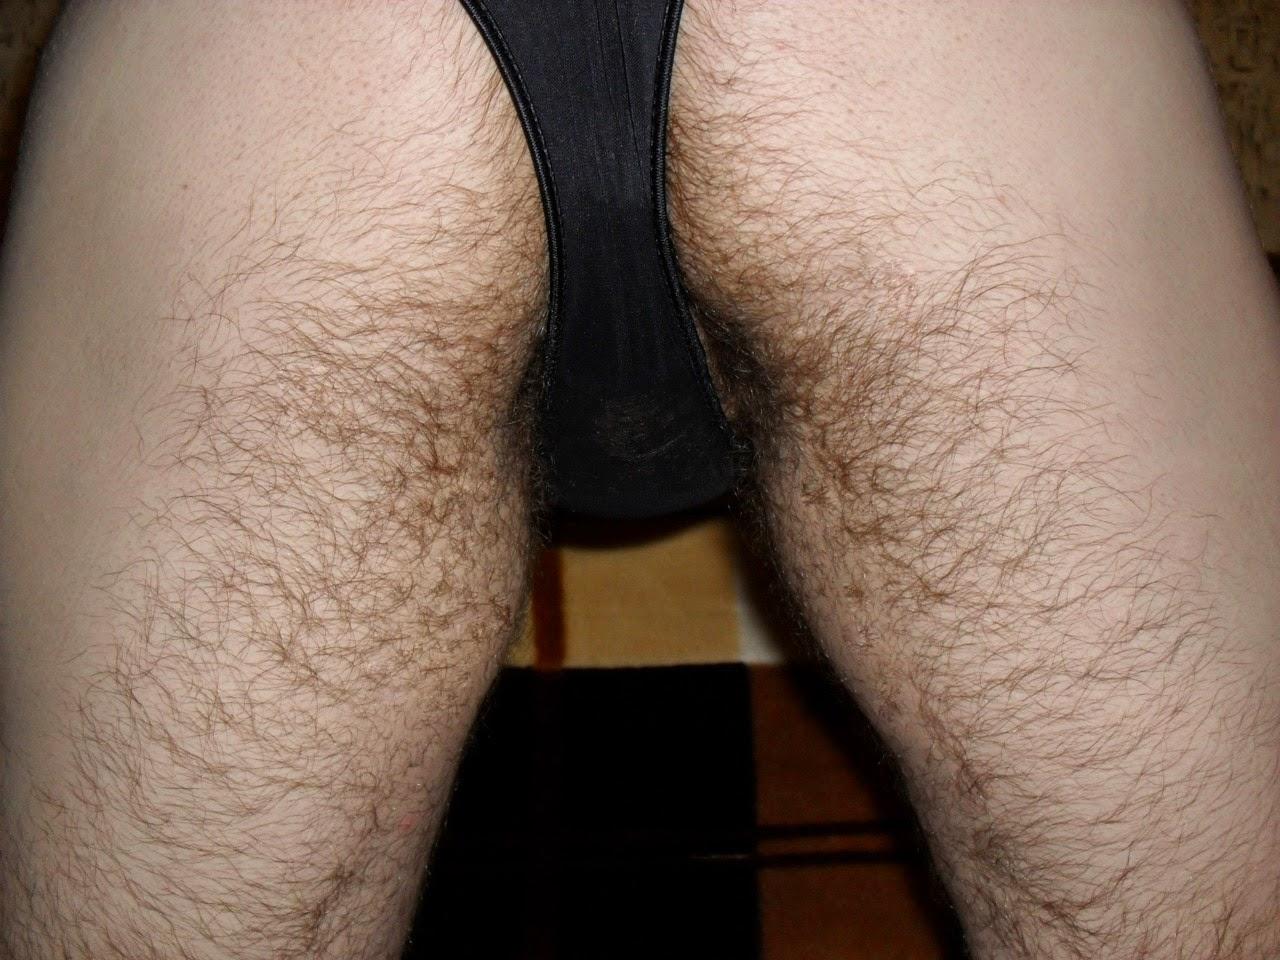 Mature butt porn